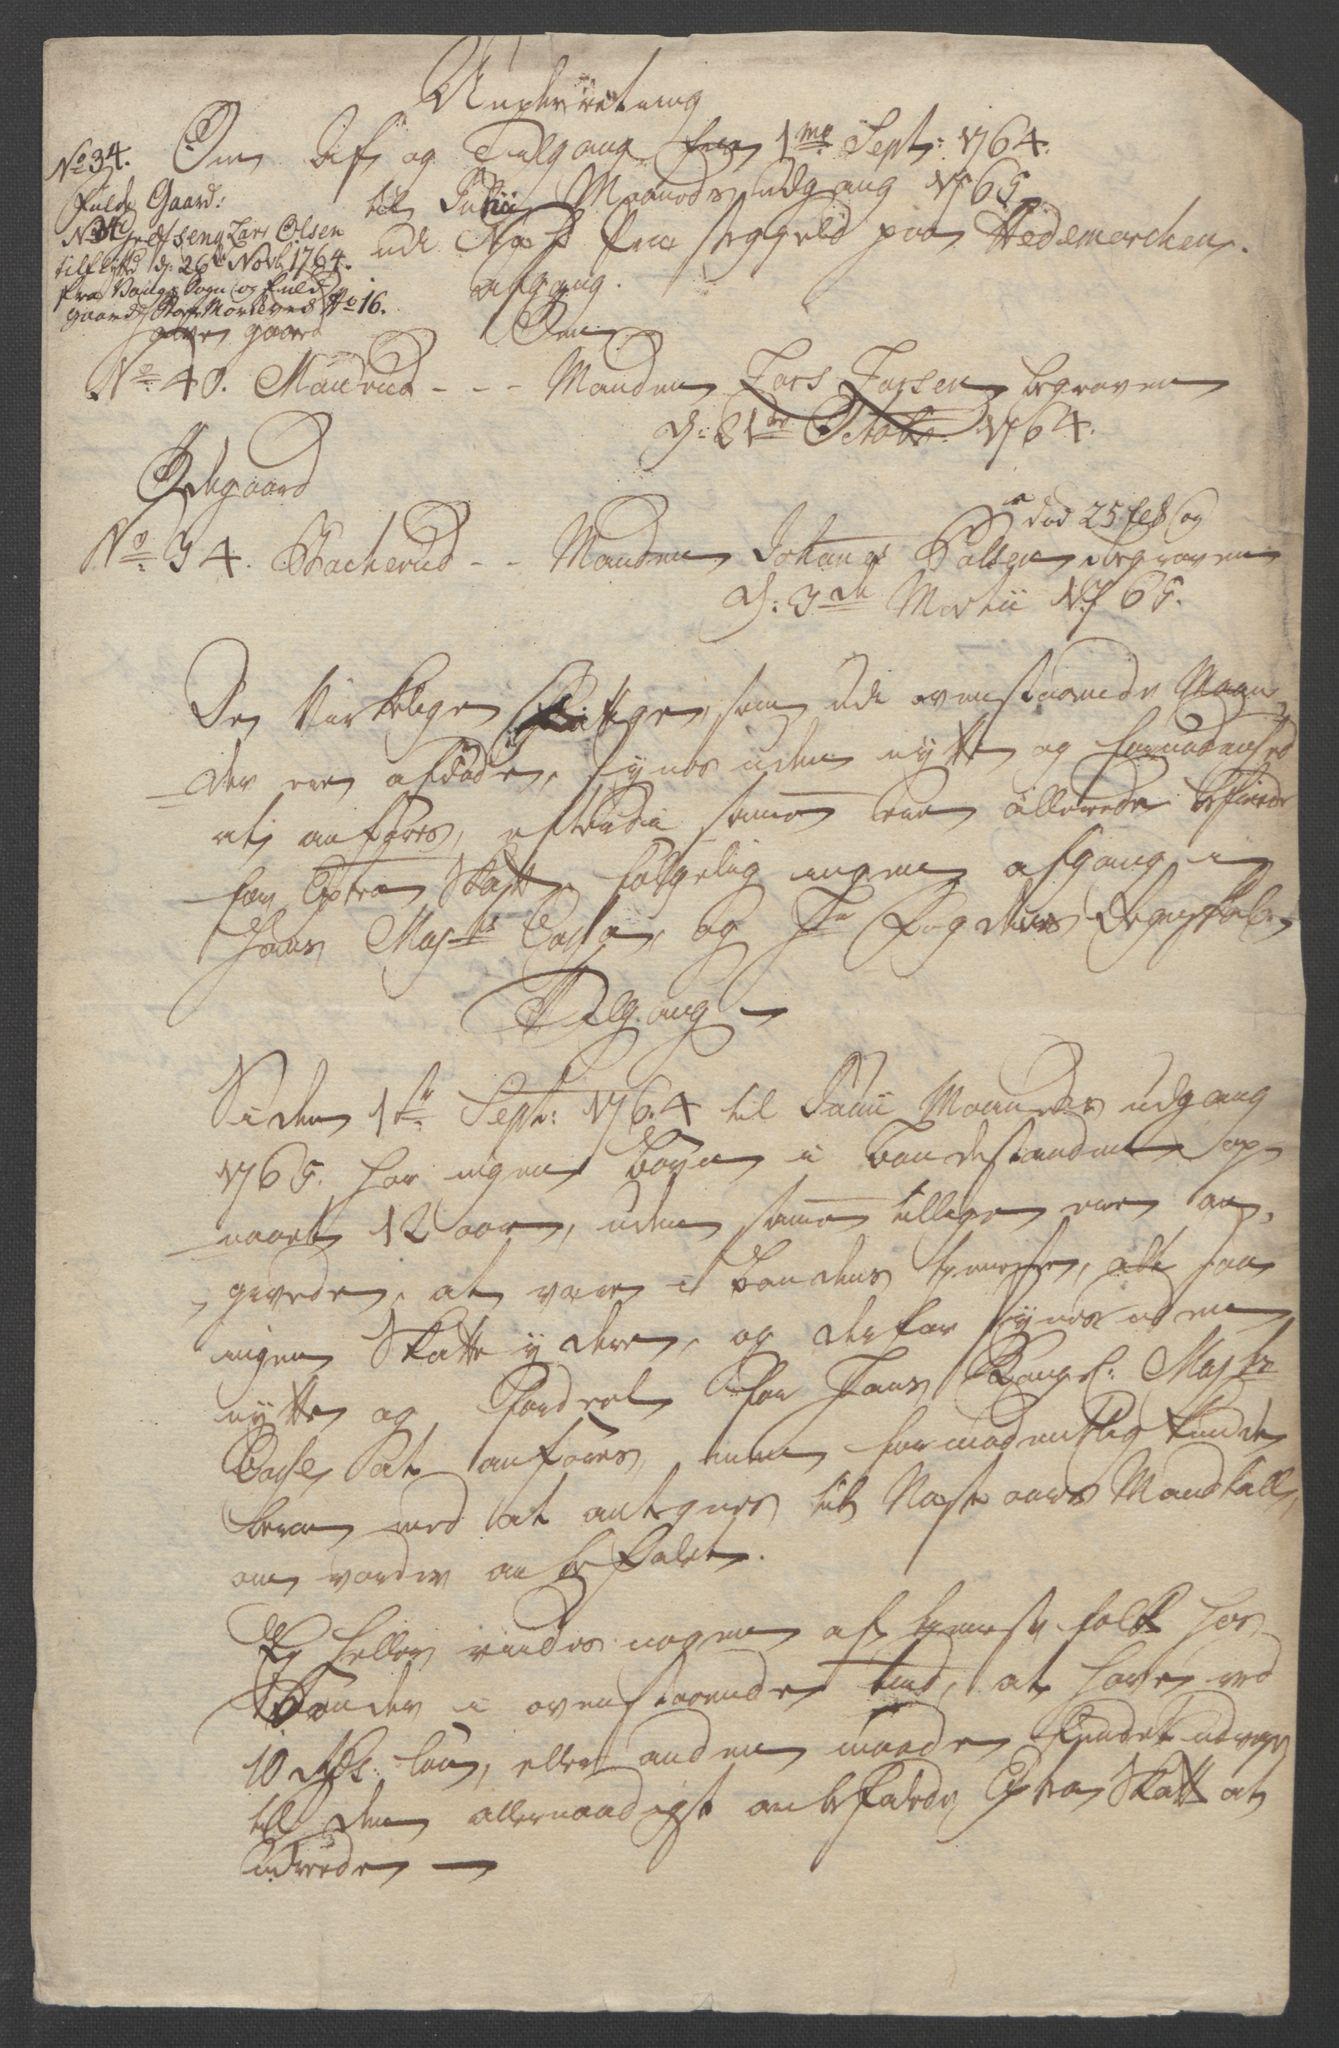 RA, Rentekammeret inntil 1814, Reviderte regnskaper, Fogderegnskap, R16/L1148: Ekstraskatten Hedmark, 1764, s. 290